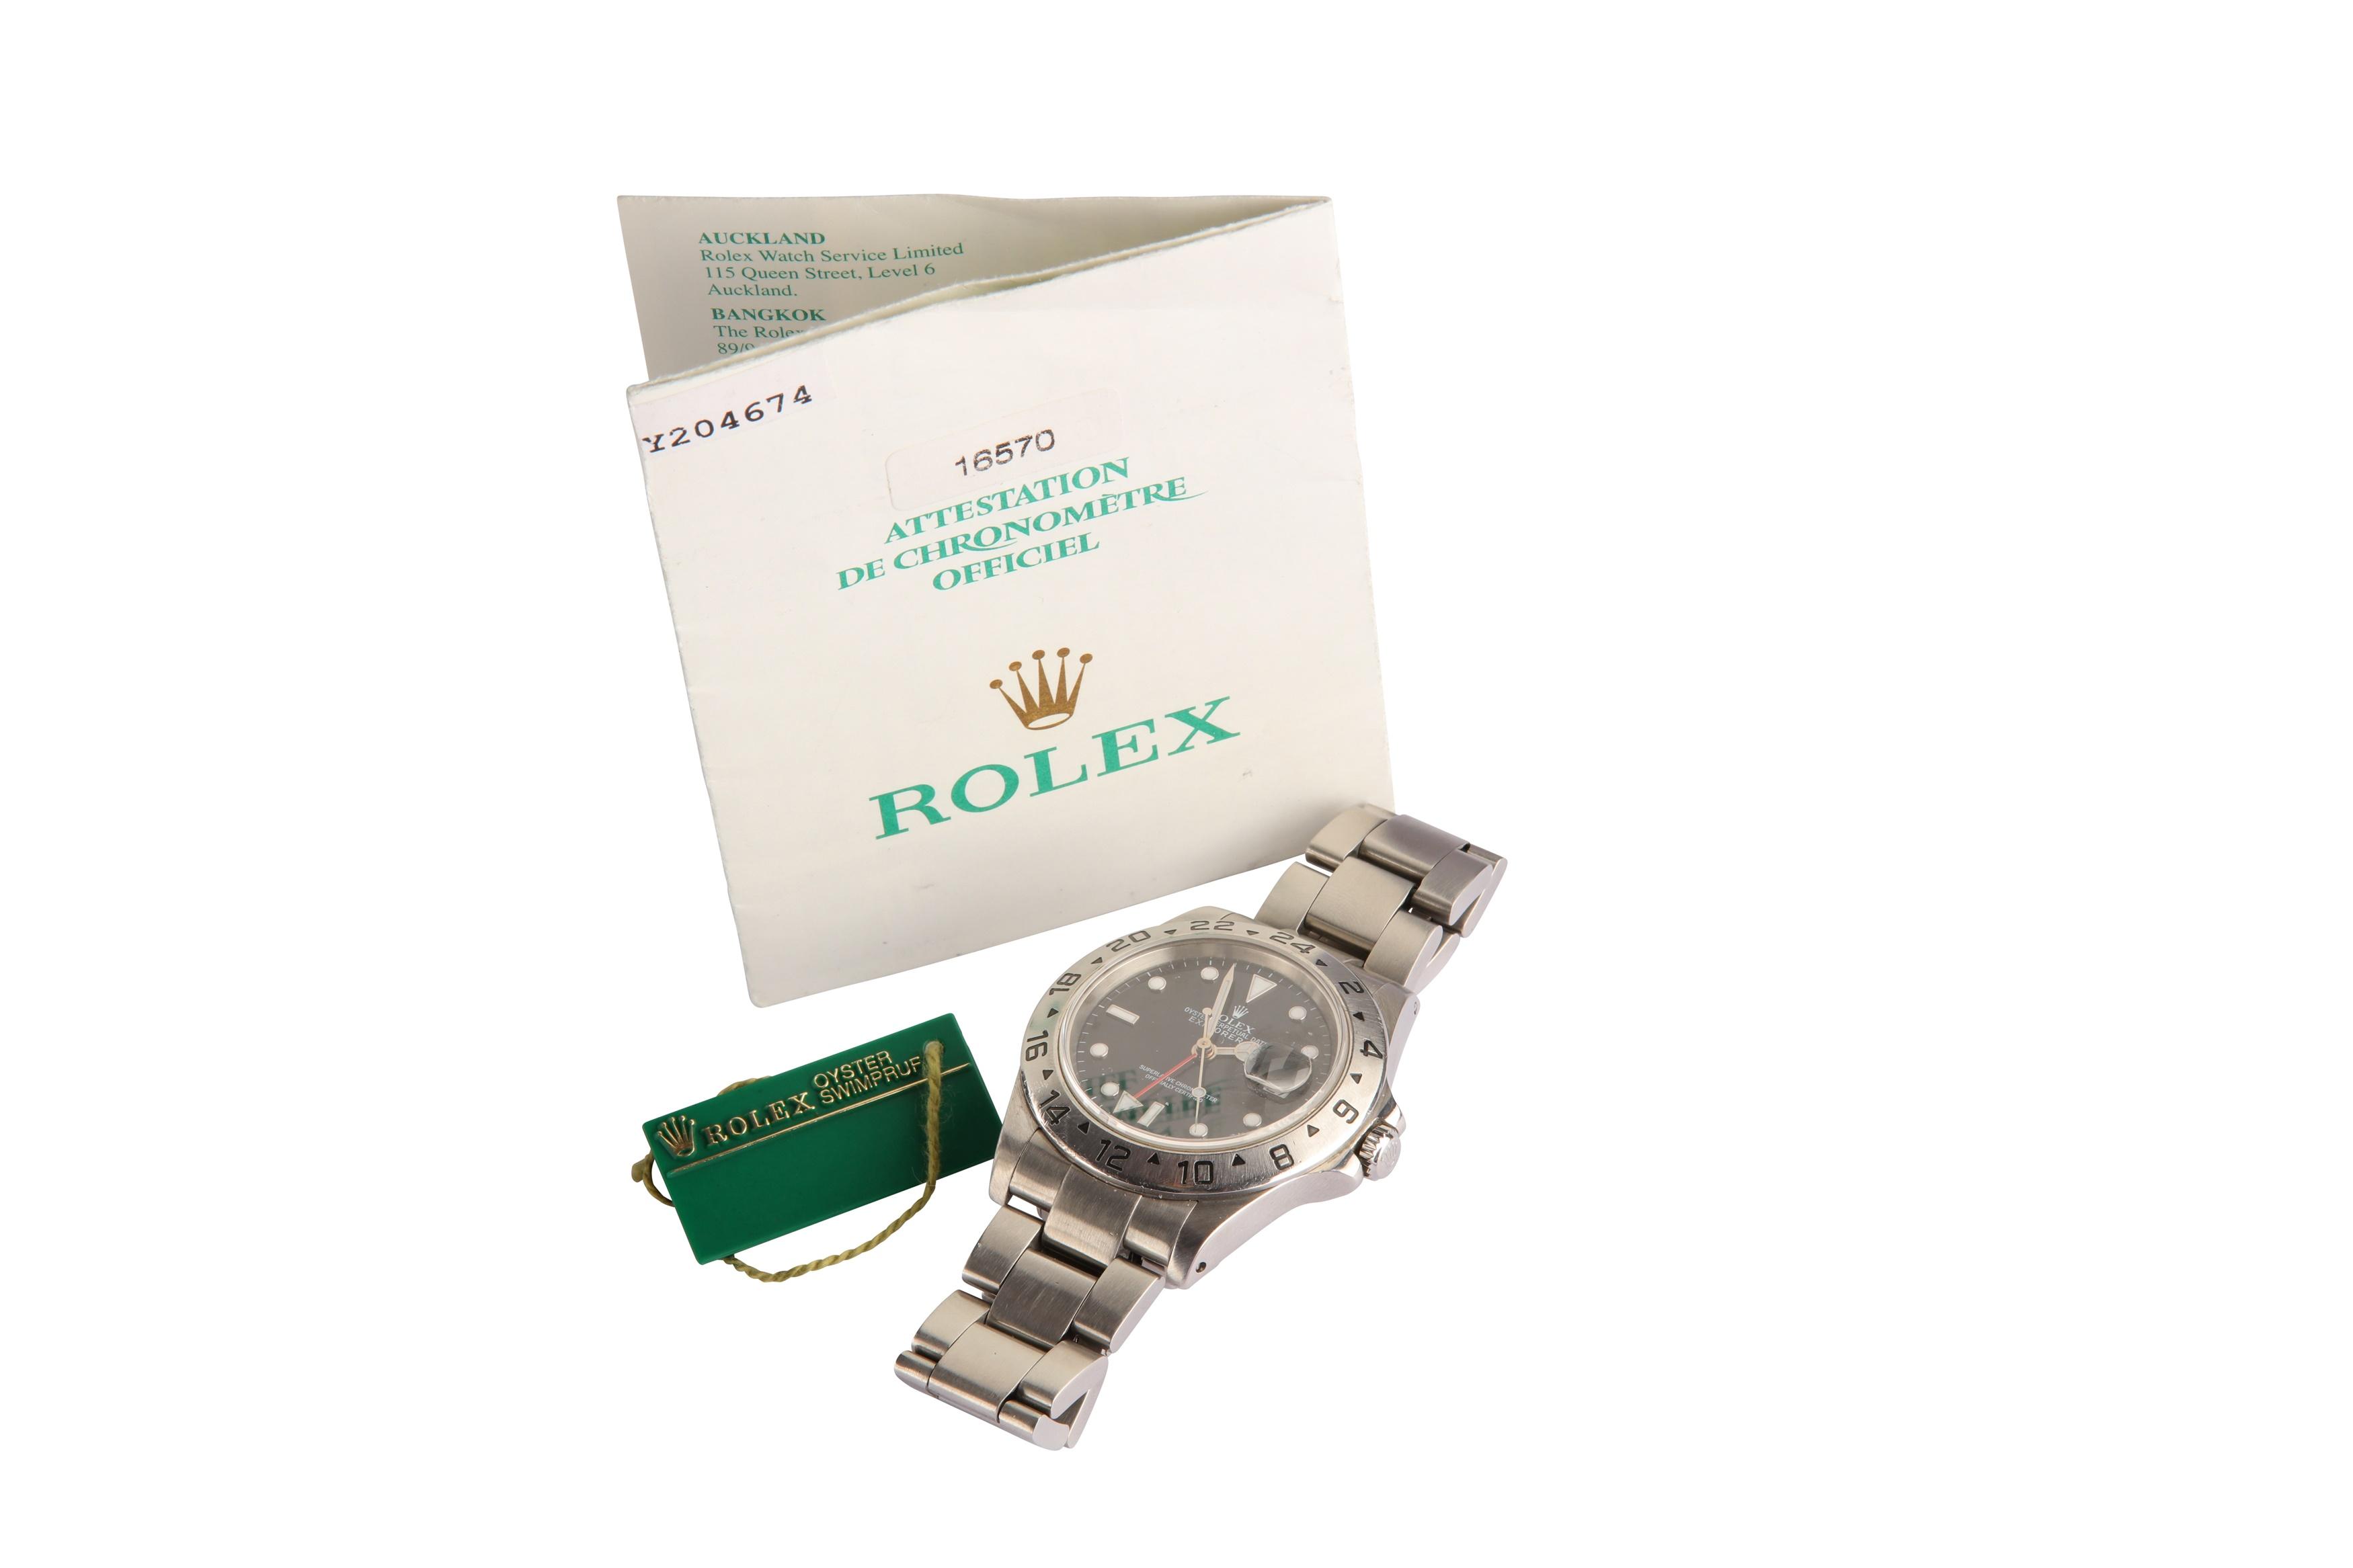 ROLEX - Image 2 of 6